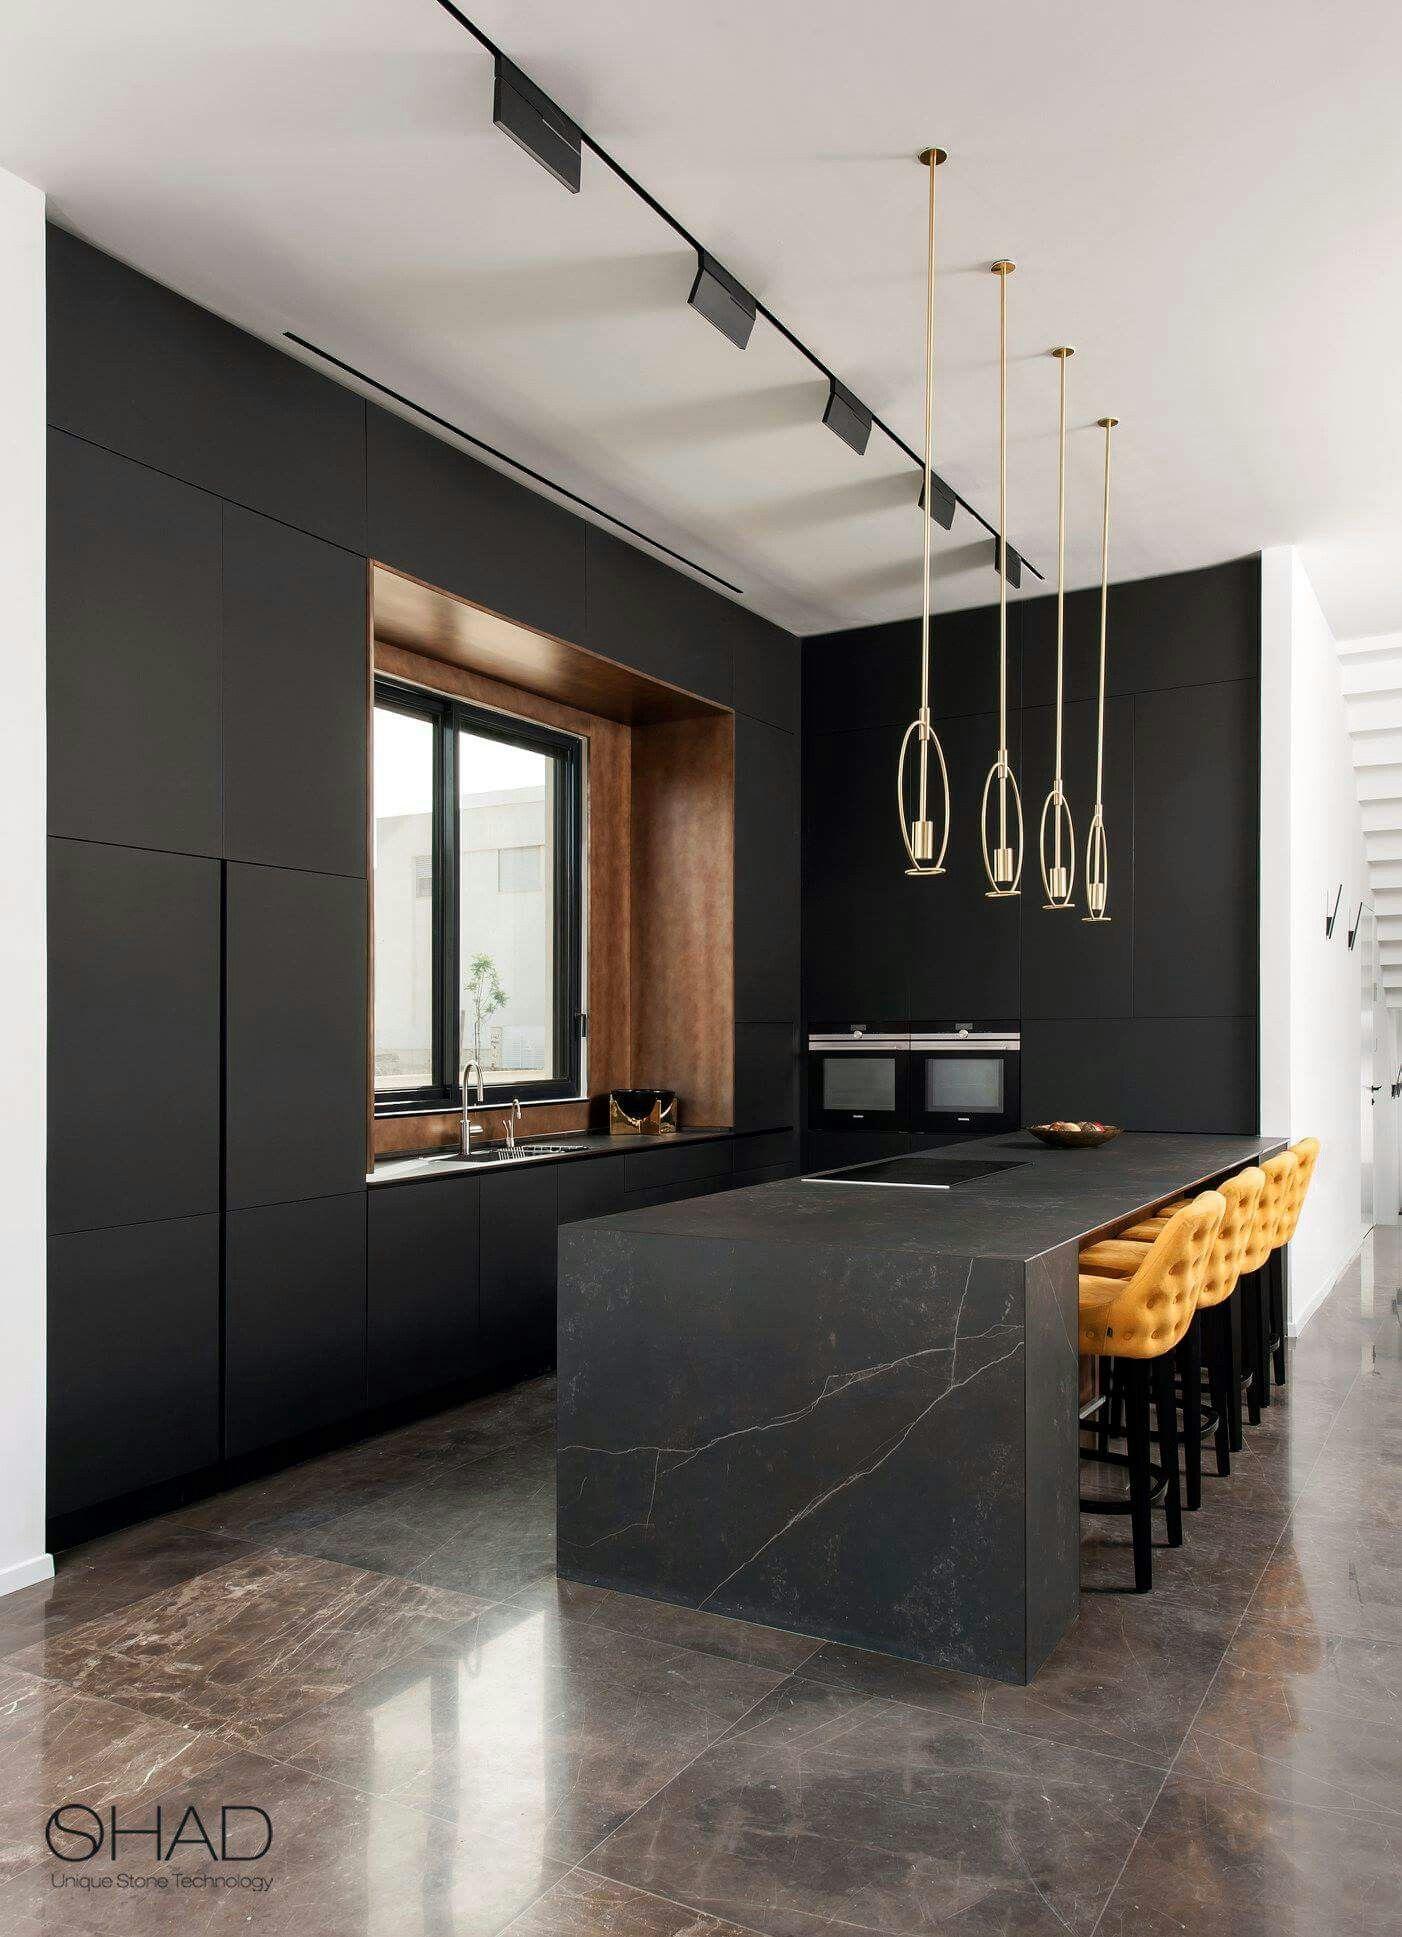 Pin di Marco Barbieri su Cucina scura | Cucine scure, Cucina ...